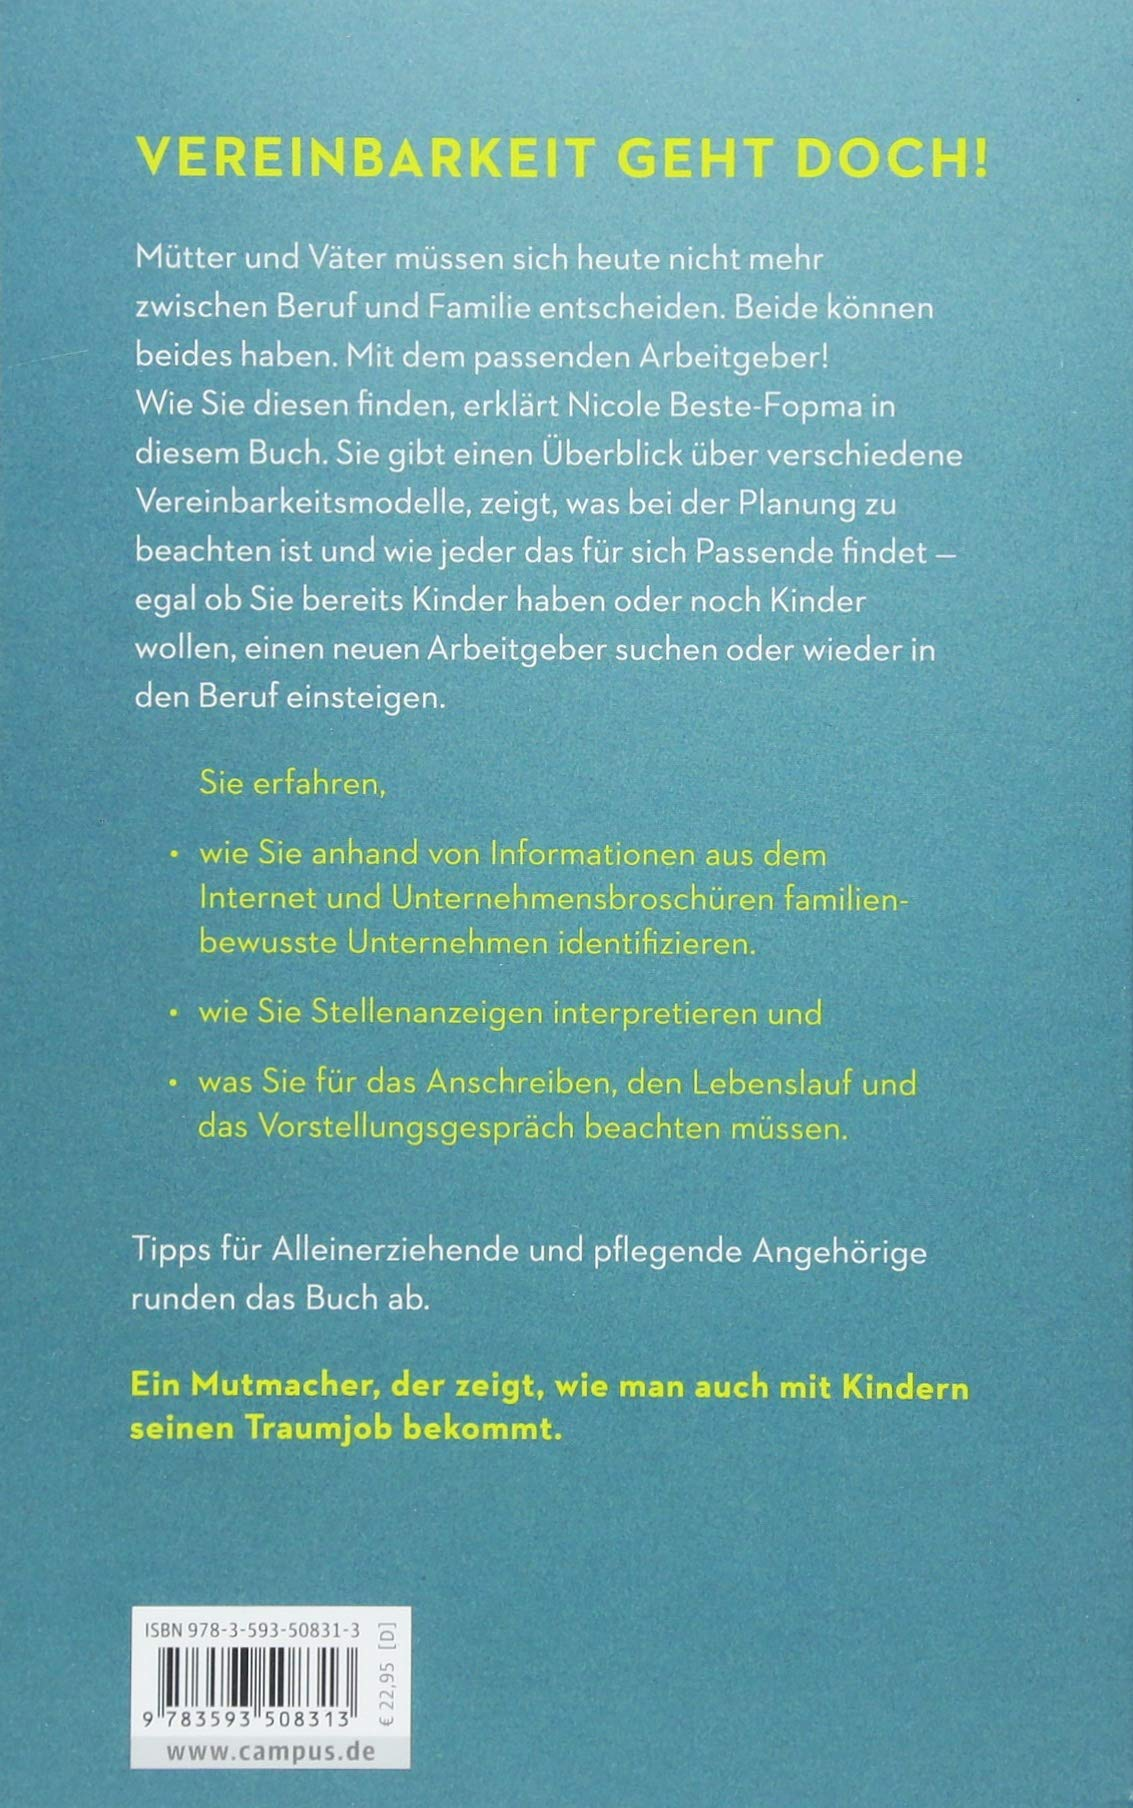 Beruf und Familie - Passt!: So finden Eltern den richtigen Arbeitgeber -  Nicole Beste-Fopma - Amazon.de: Bücher